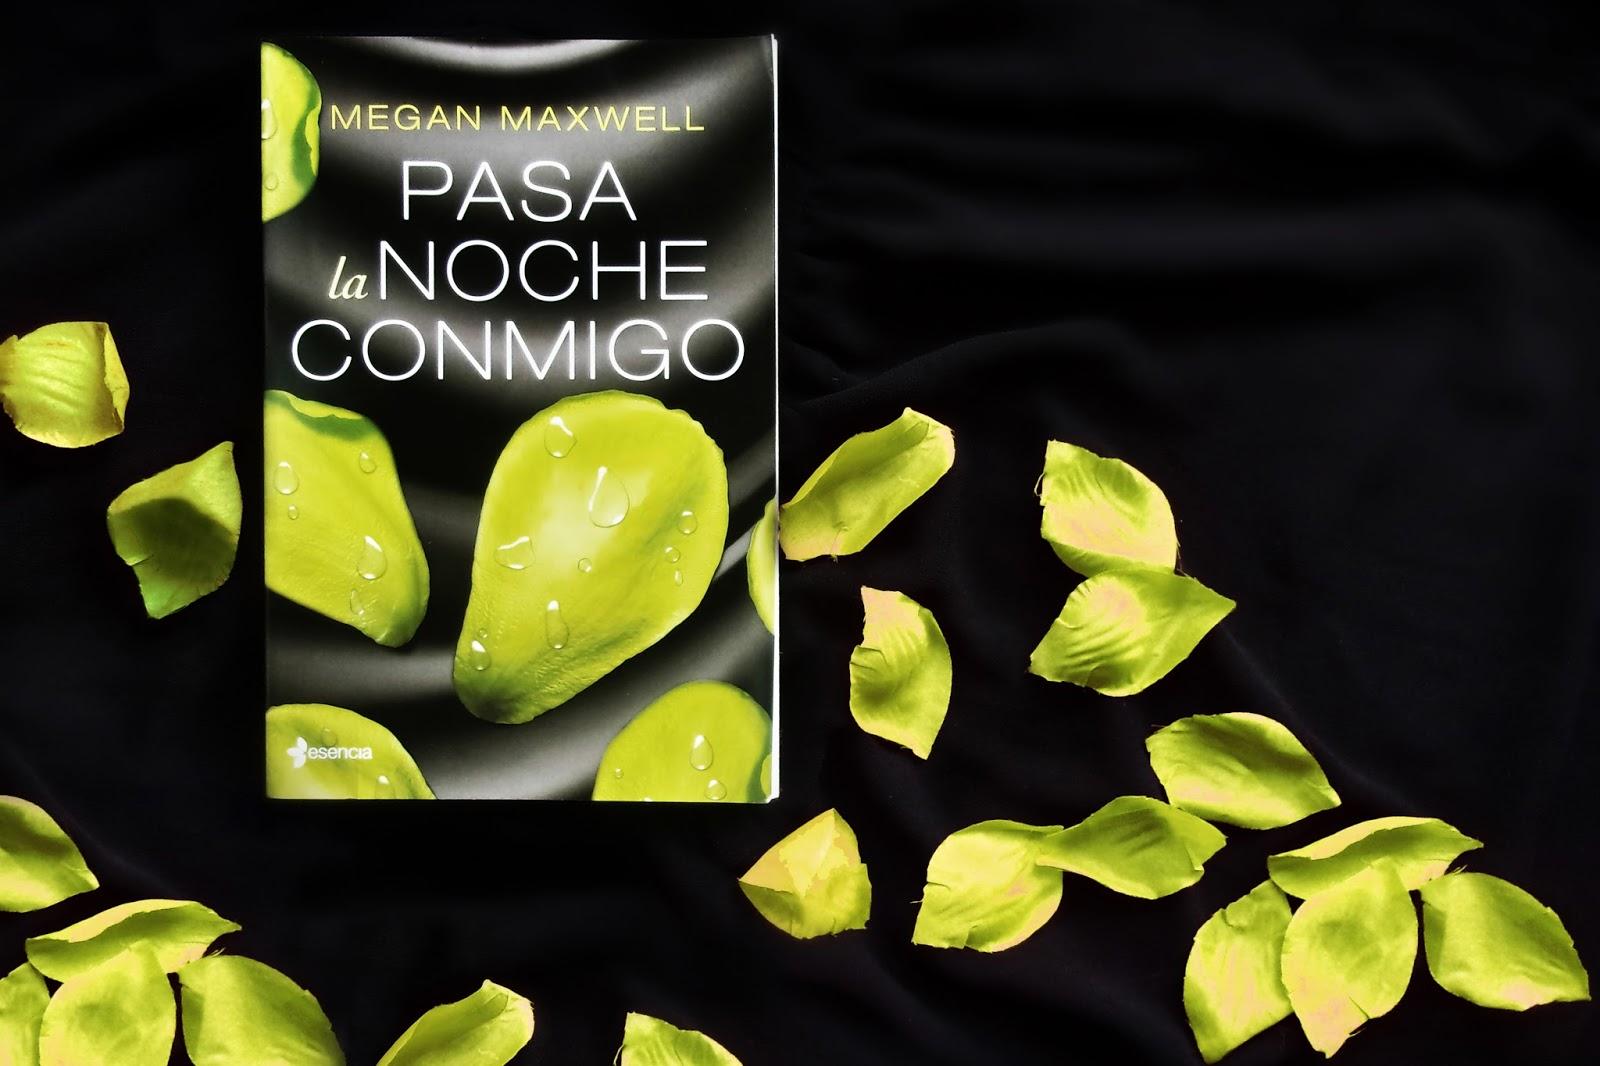 Los mejores libros de Megan Maxwell